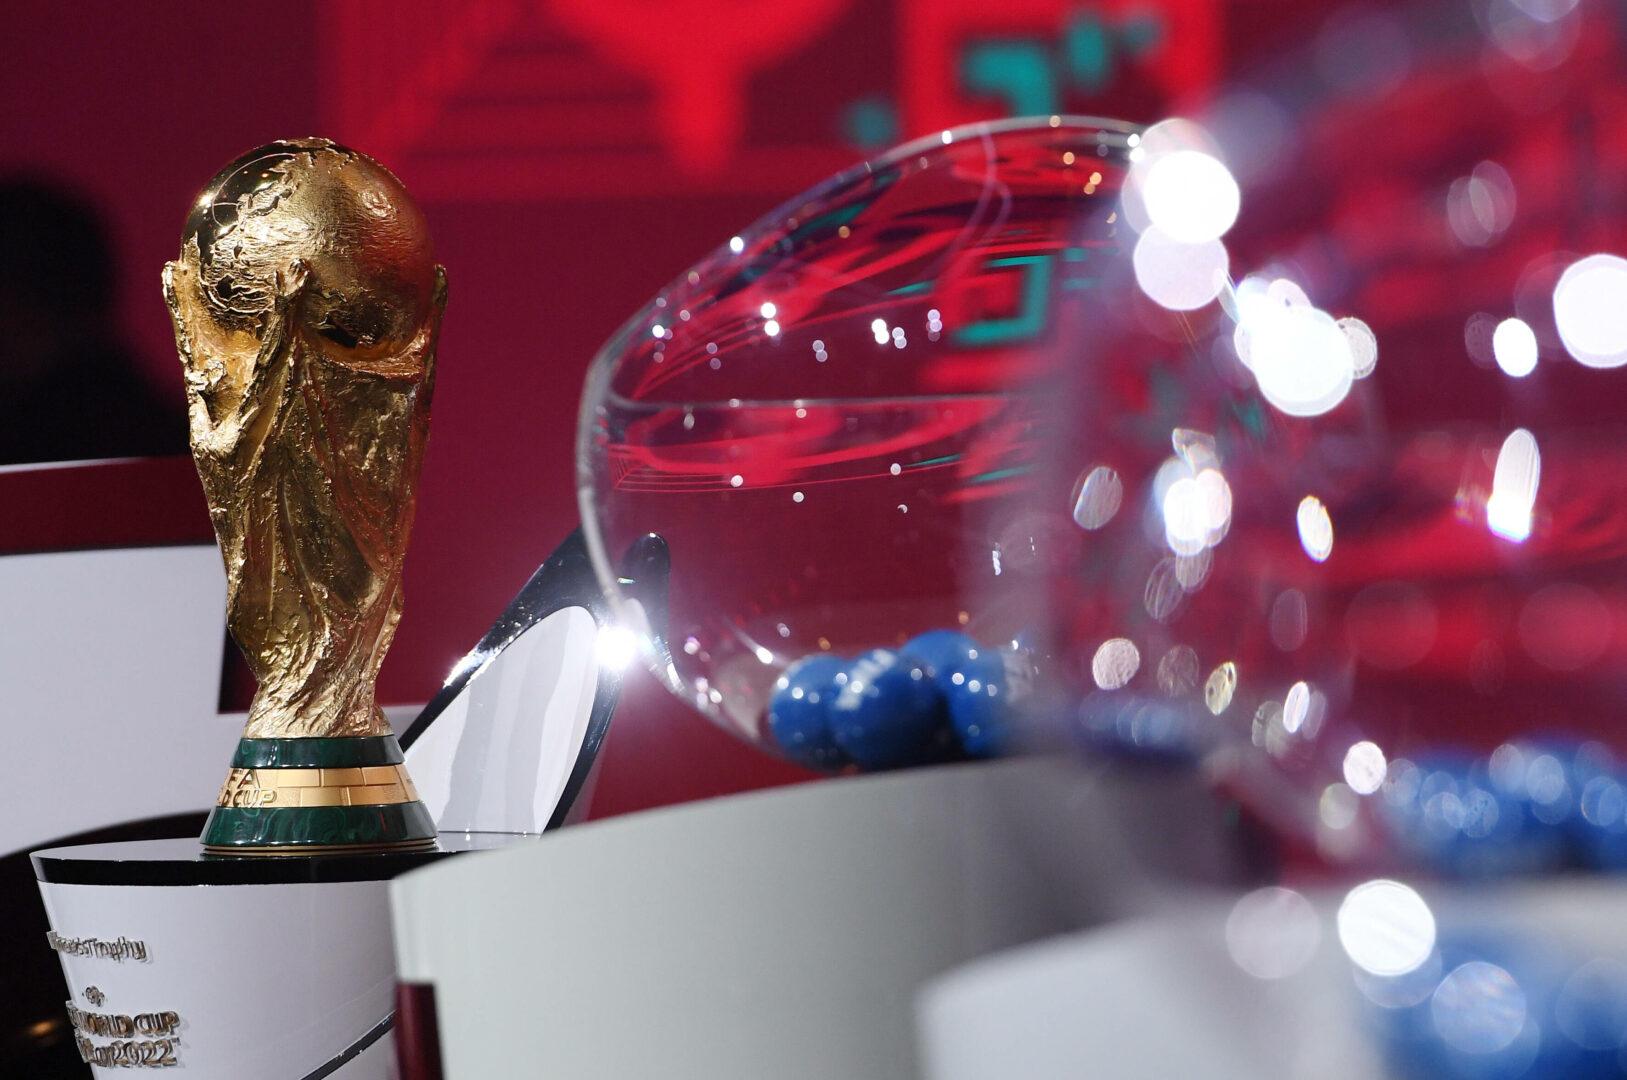 Der WM-Pokal, von dem die European Club Association nicht will, dass er alle zwei Jahre vergeben wird